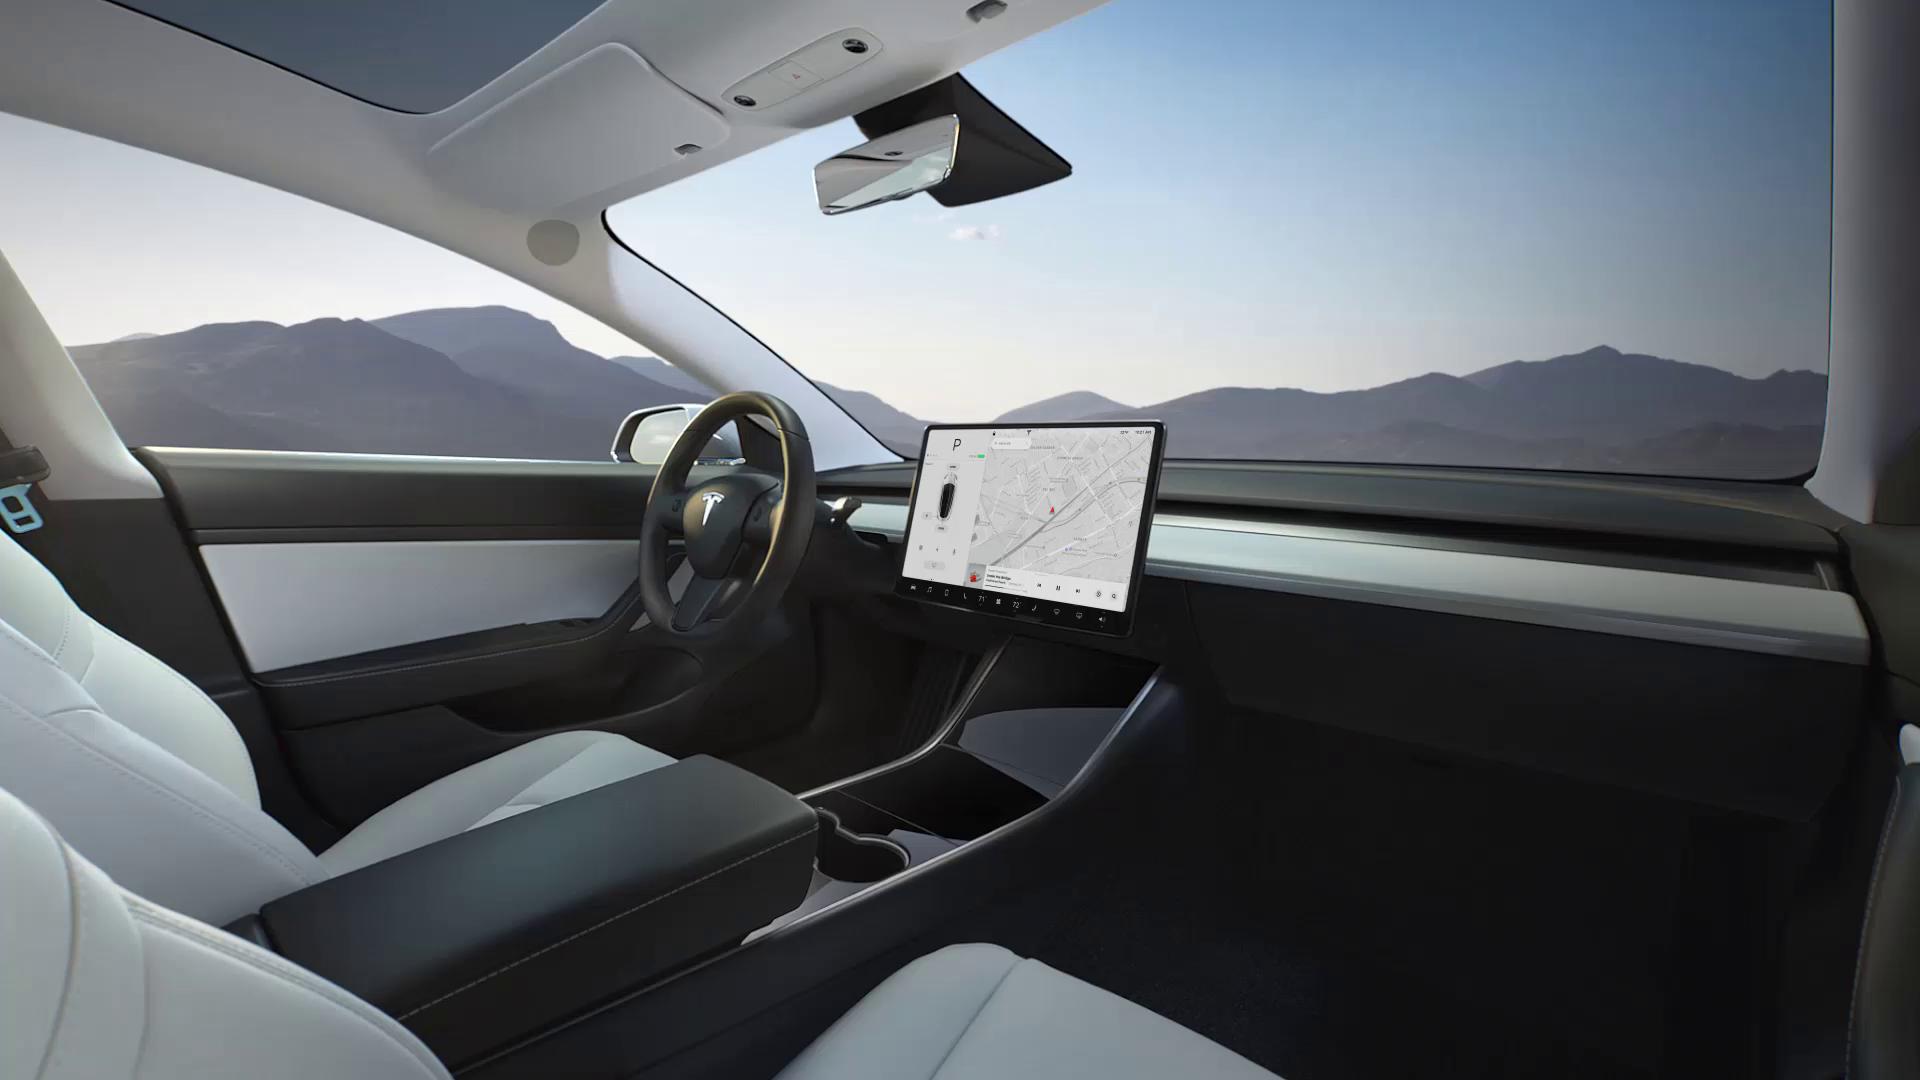 Videokonferanse direkte fra Teslaen? Elon Musk hevder det er på vei